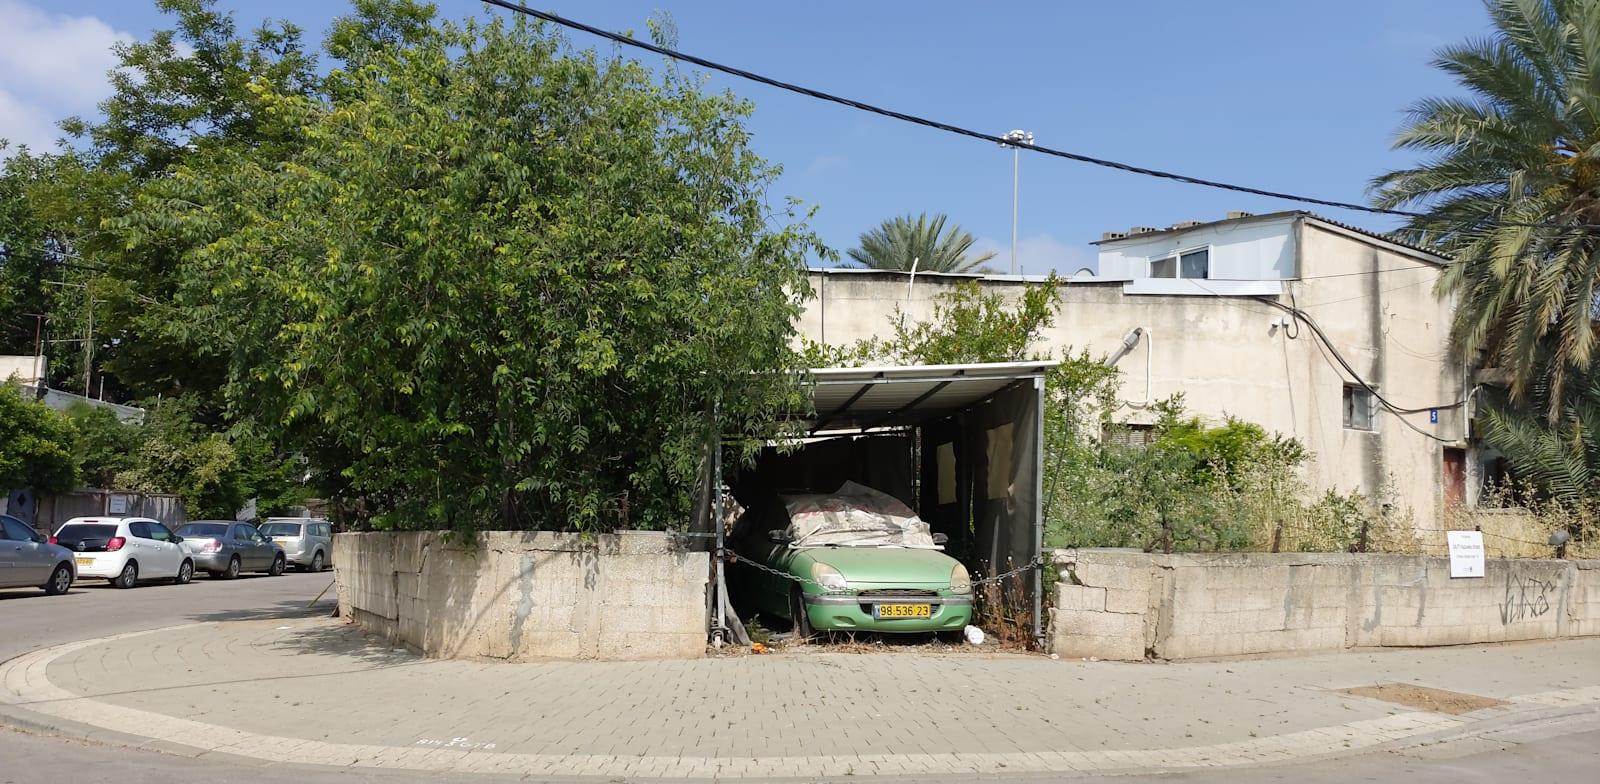 Tel Aviv's Ludvipol neighborhood Photo: Eyal Izhar